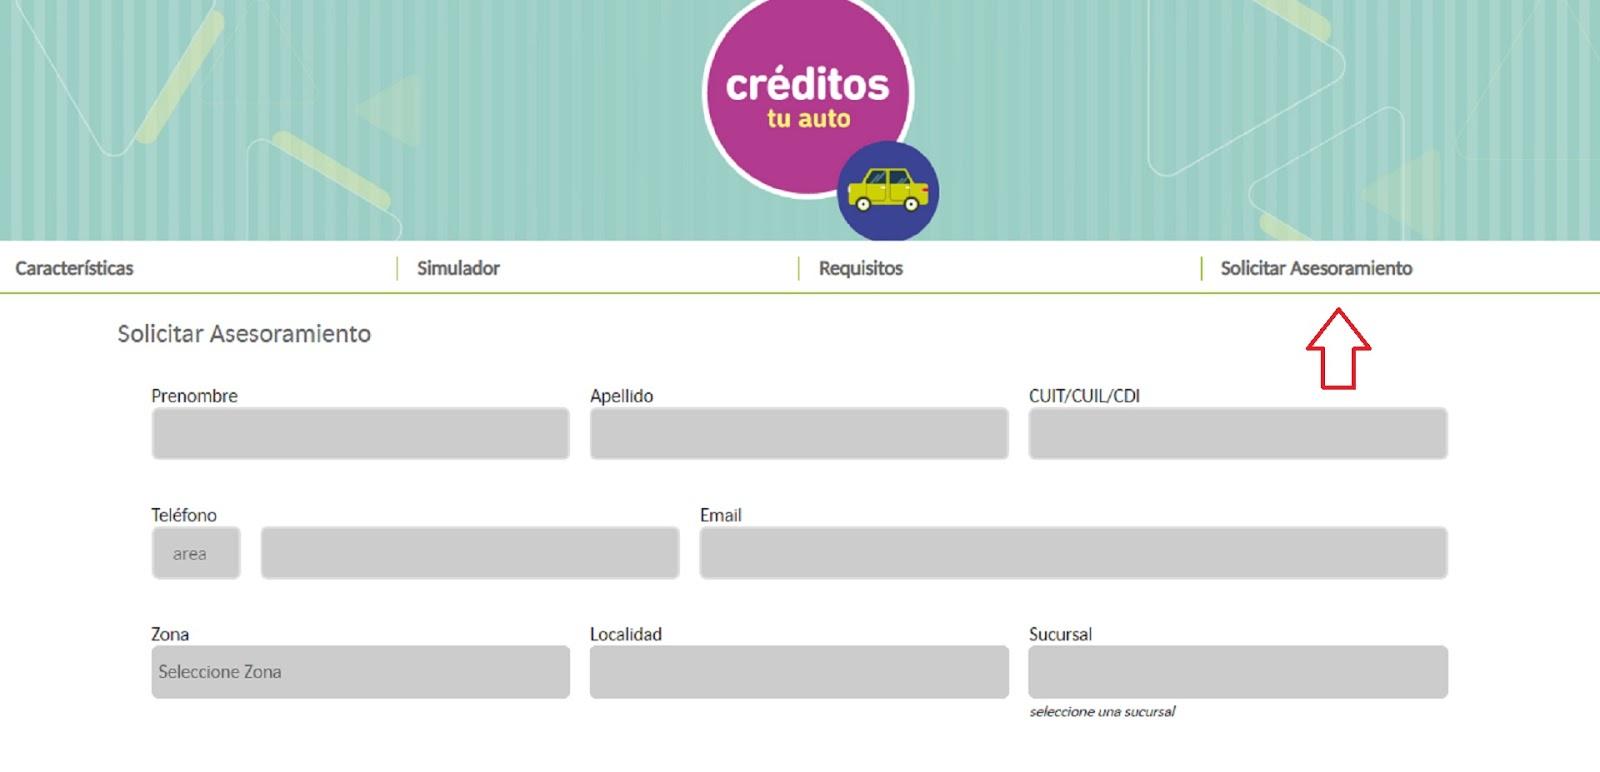 Cómo Pedir Un Crédito UVA En El Banco Provincia En Linea